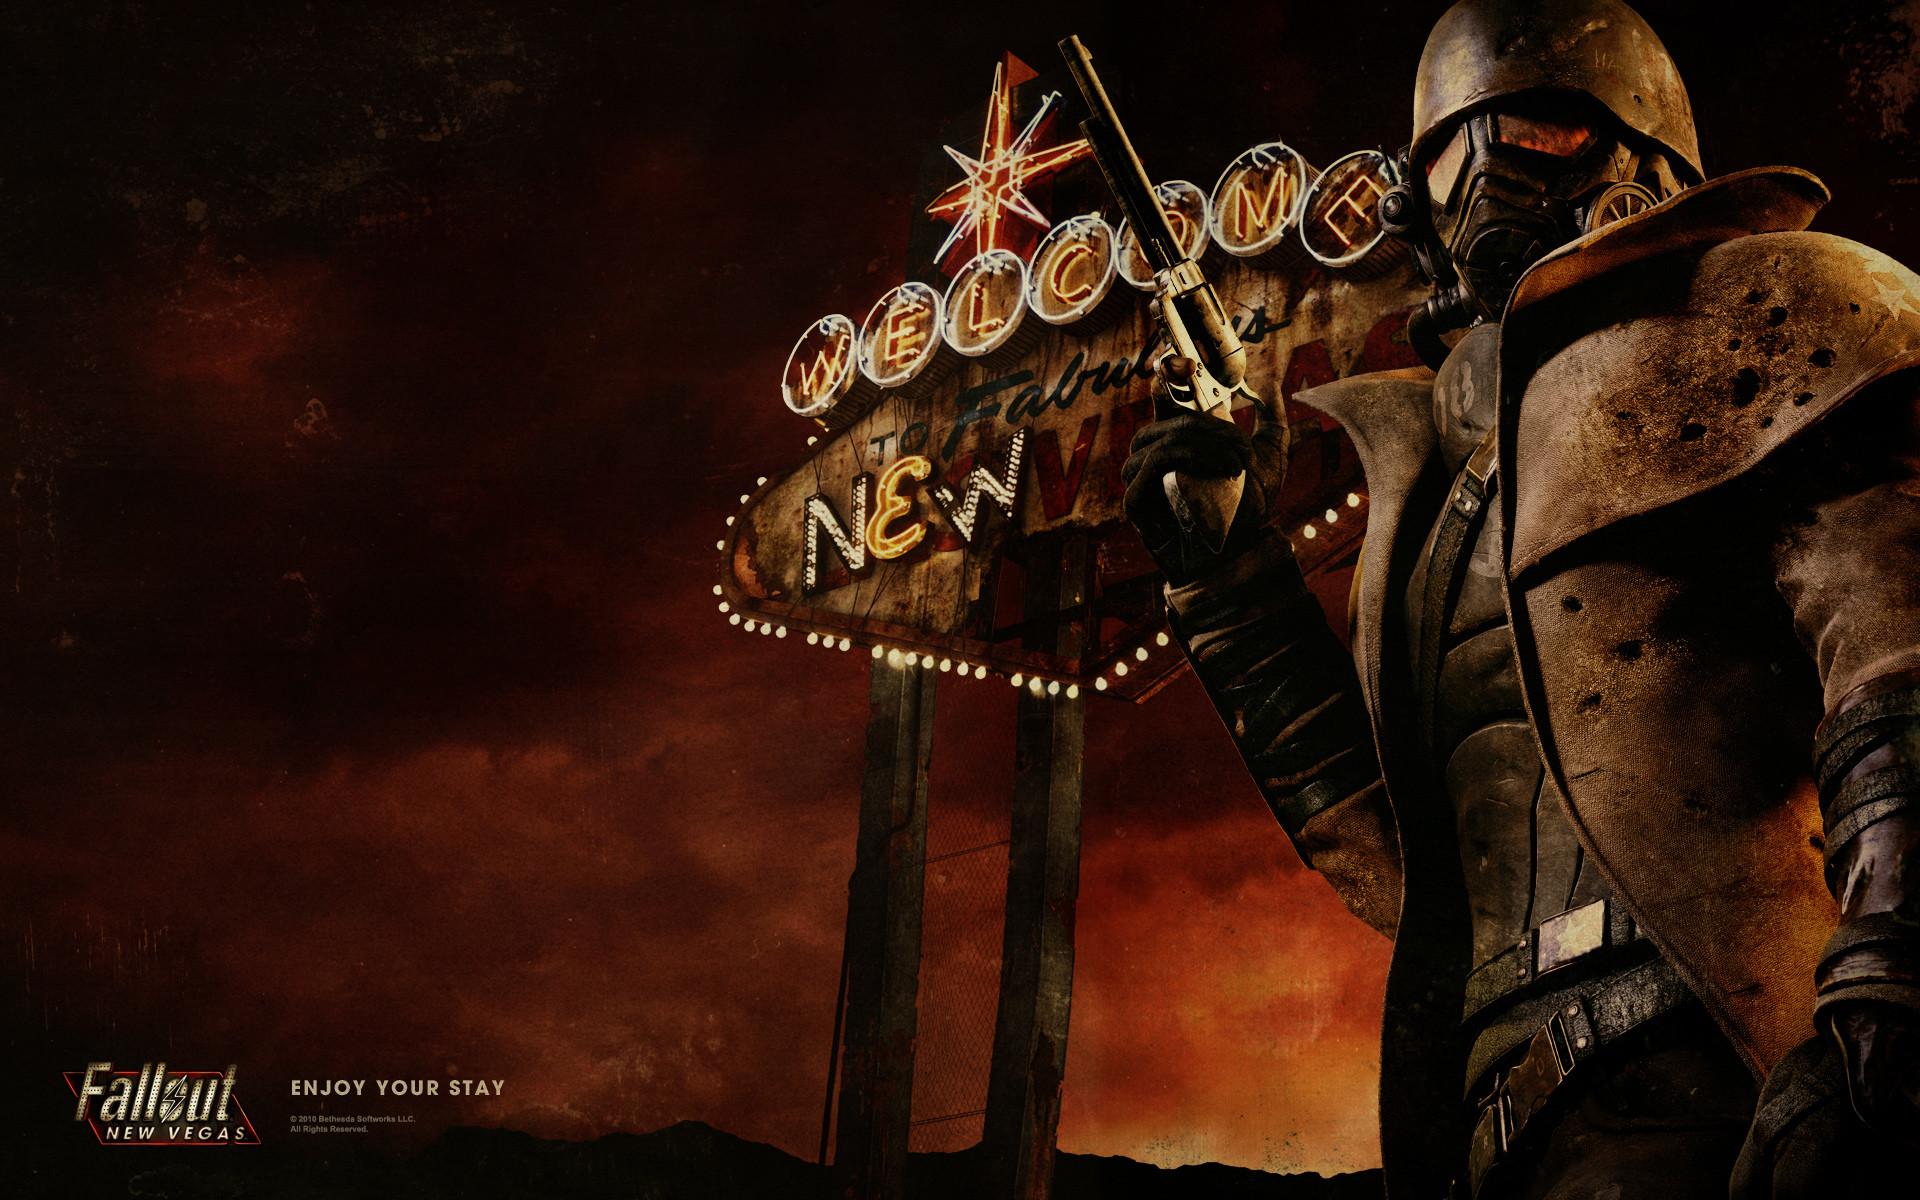 Fallout New Vegas Concept Art HD desktop wallpaper High | HD Wallpapers |  Pinterest | Fallout, Hd desktop and Concept art